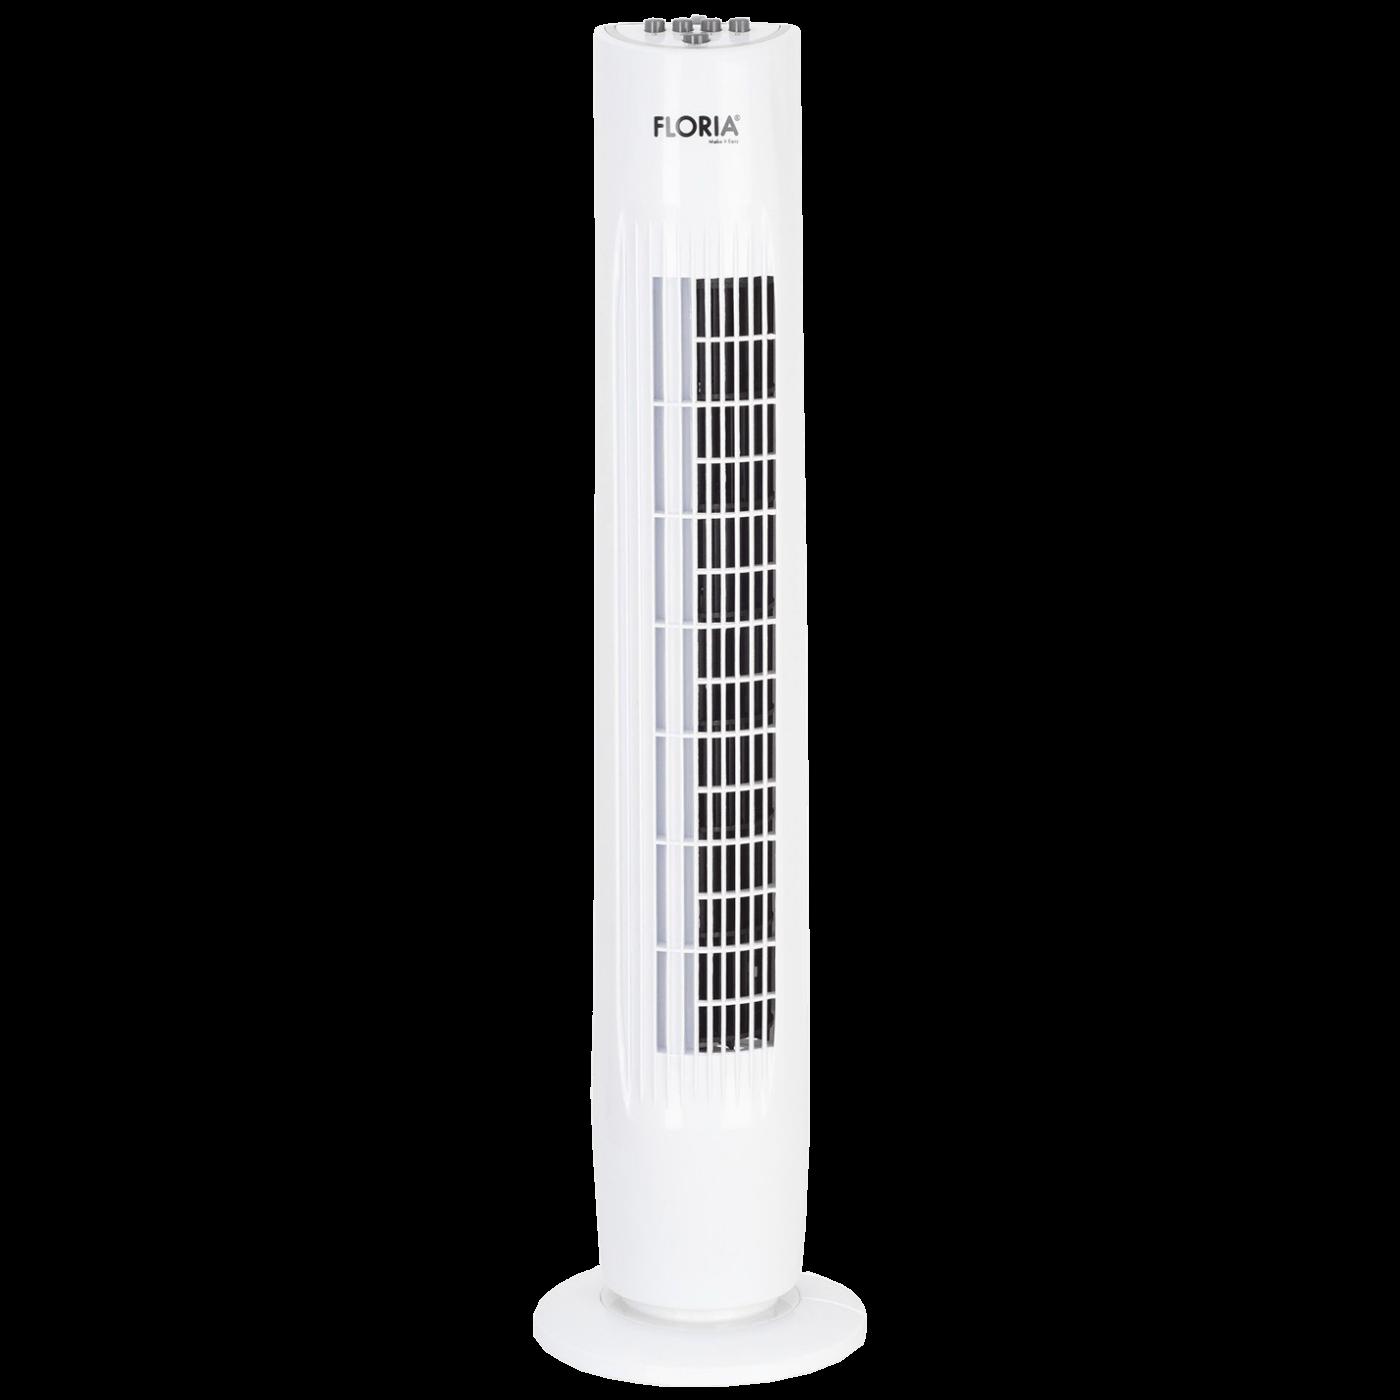 Ventilator stupni, 3 brzine, 45 W, 75 cm, ±80°